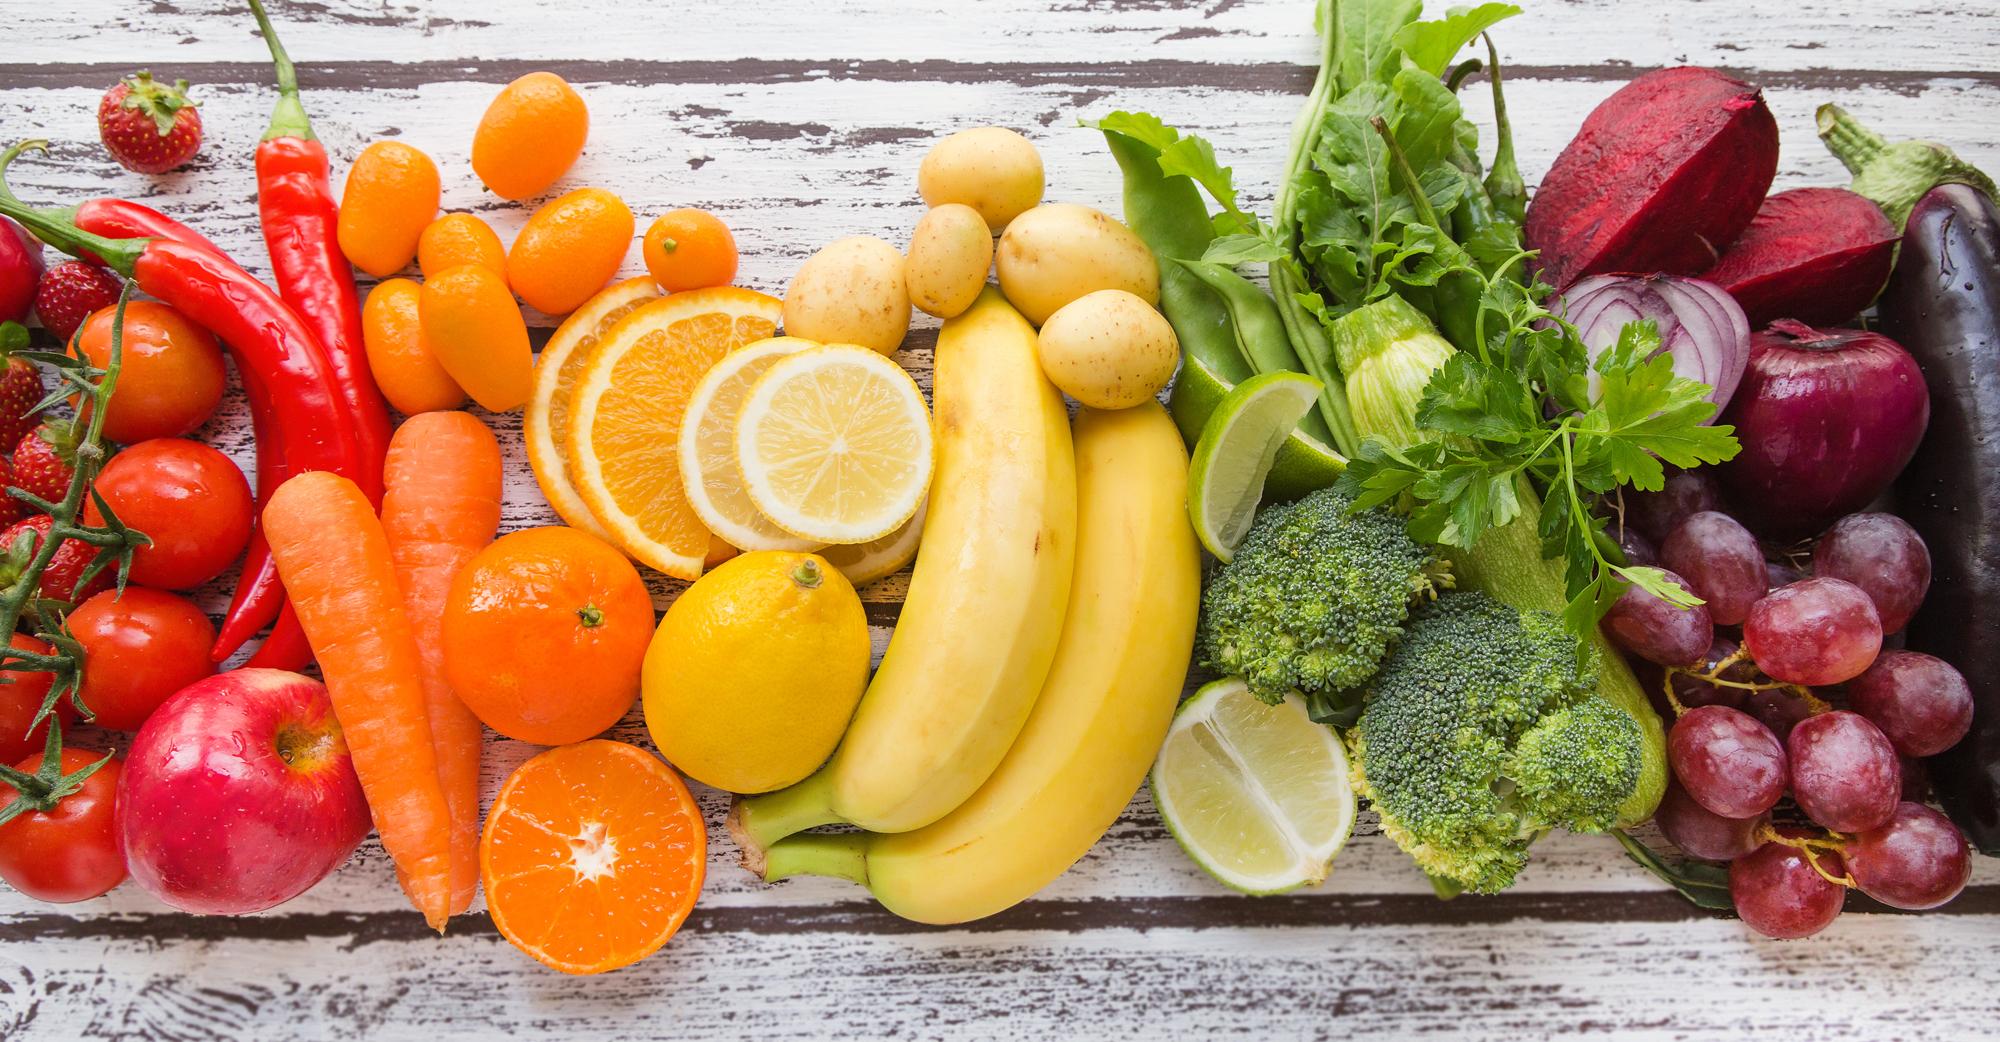 Frutta e verdura: medicinali per combattere le allergie primaverili